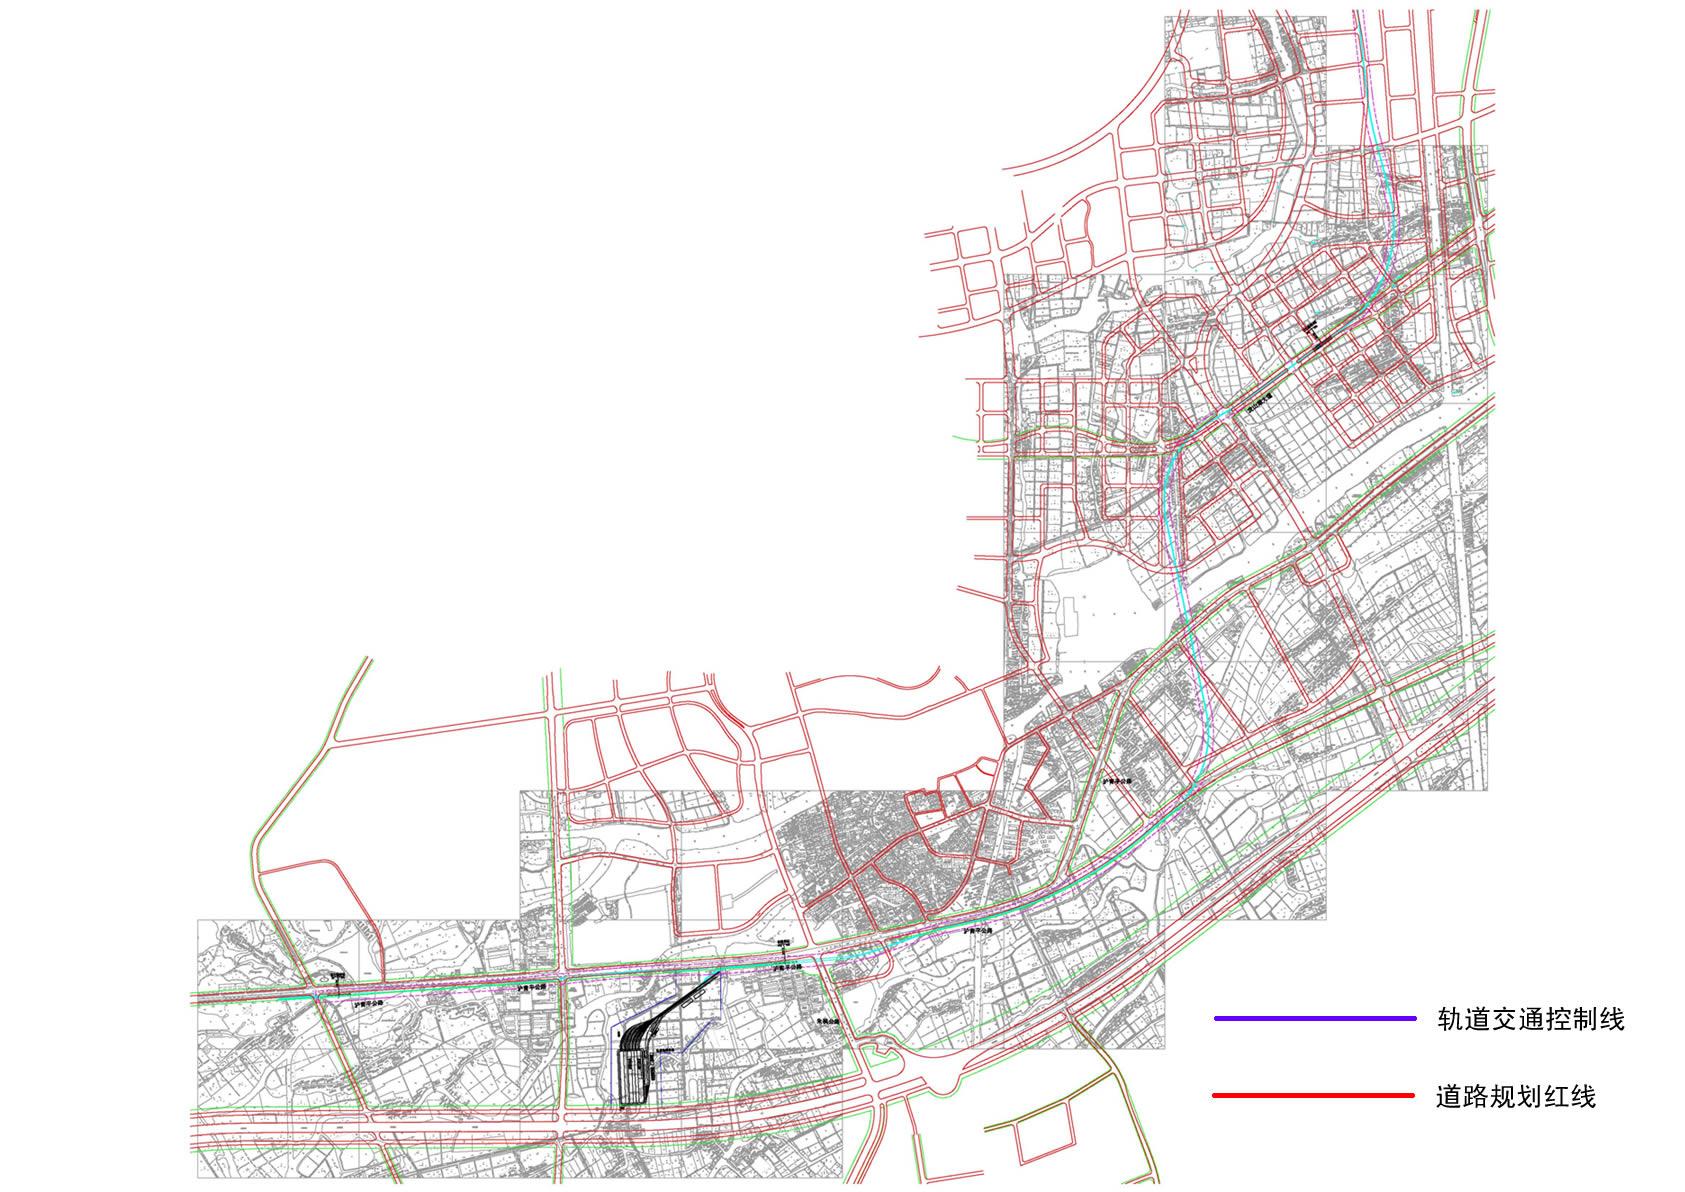 虹桥商务区规划图高清